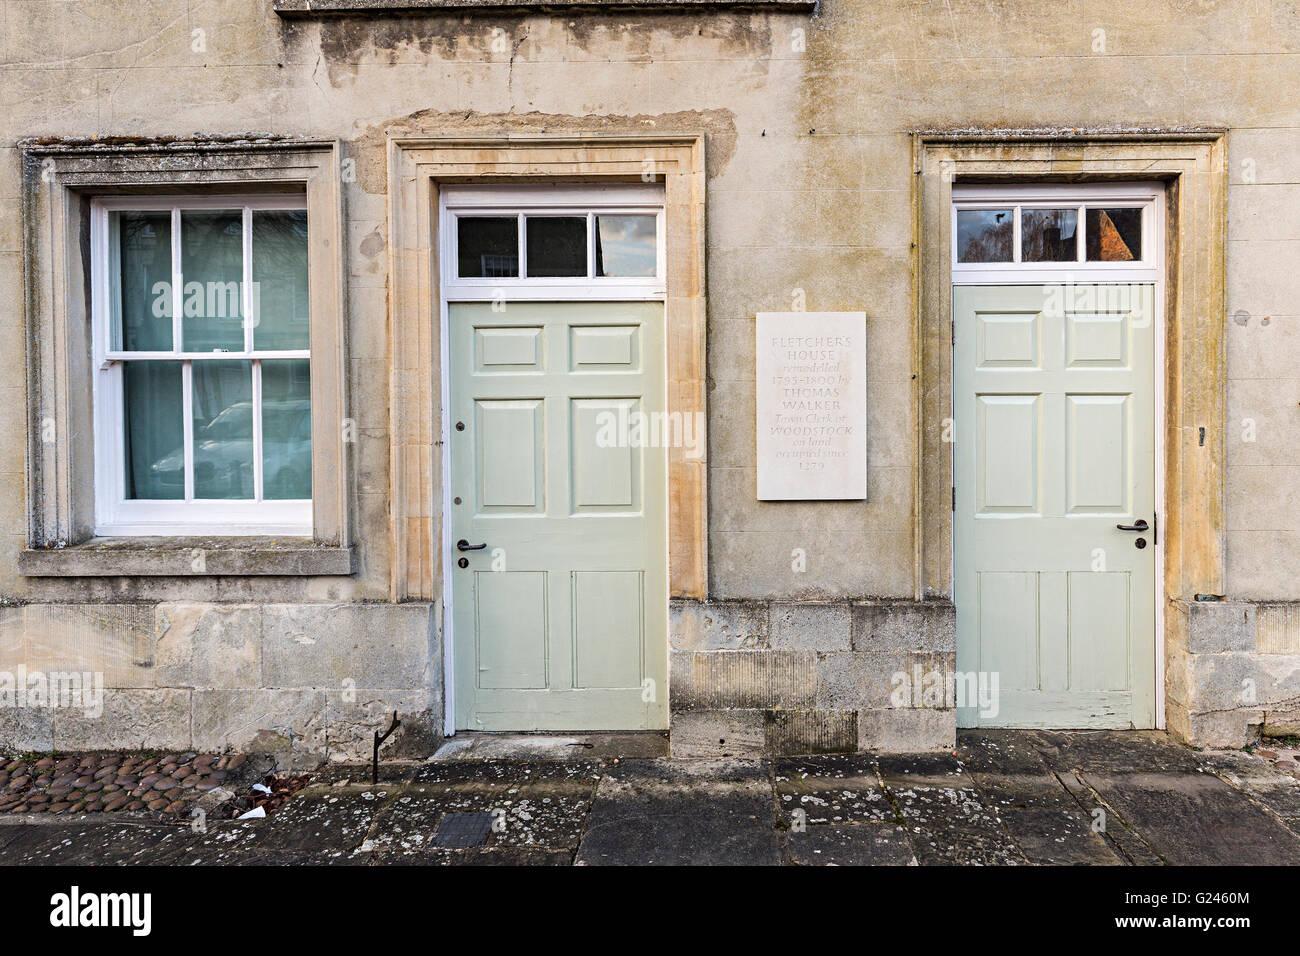 Fletcher's house, Woodstock, Oxfordshire, England, UK - Stock Image